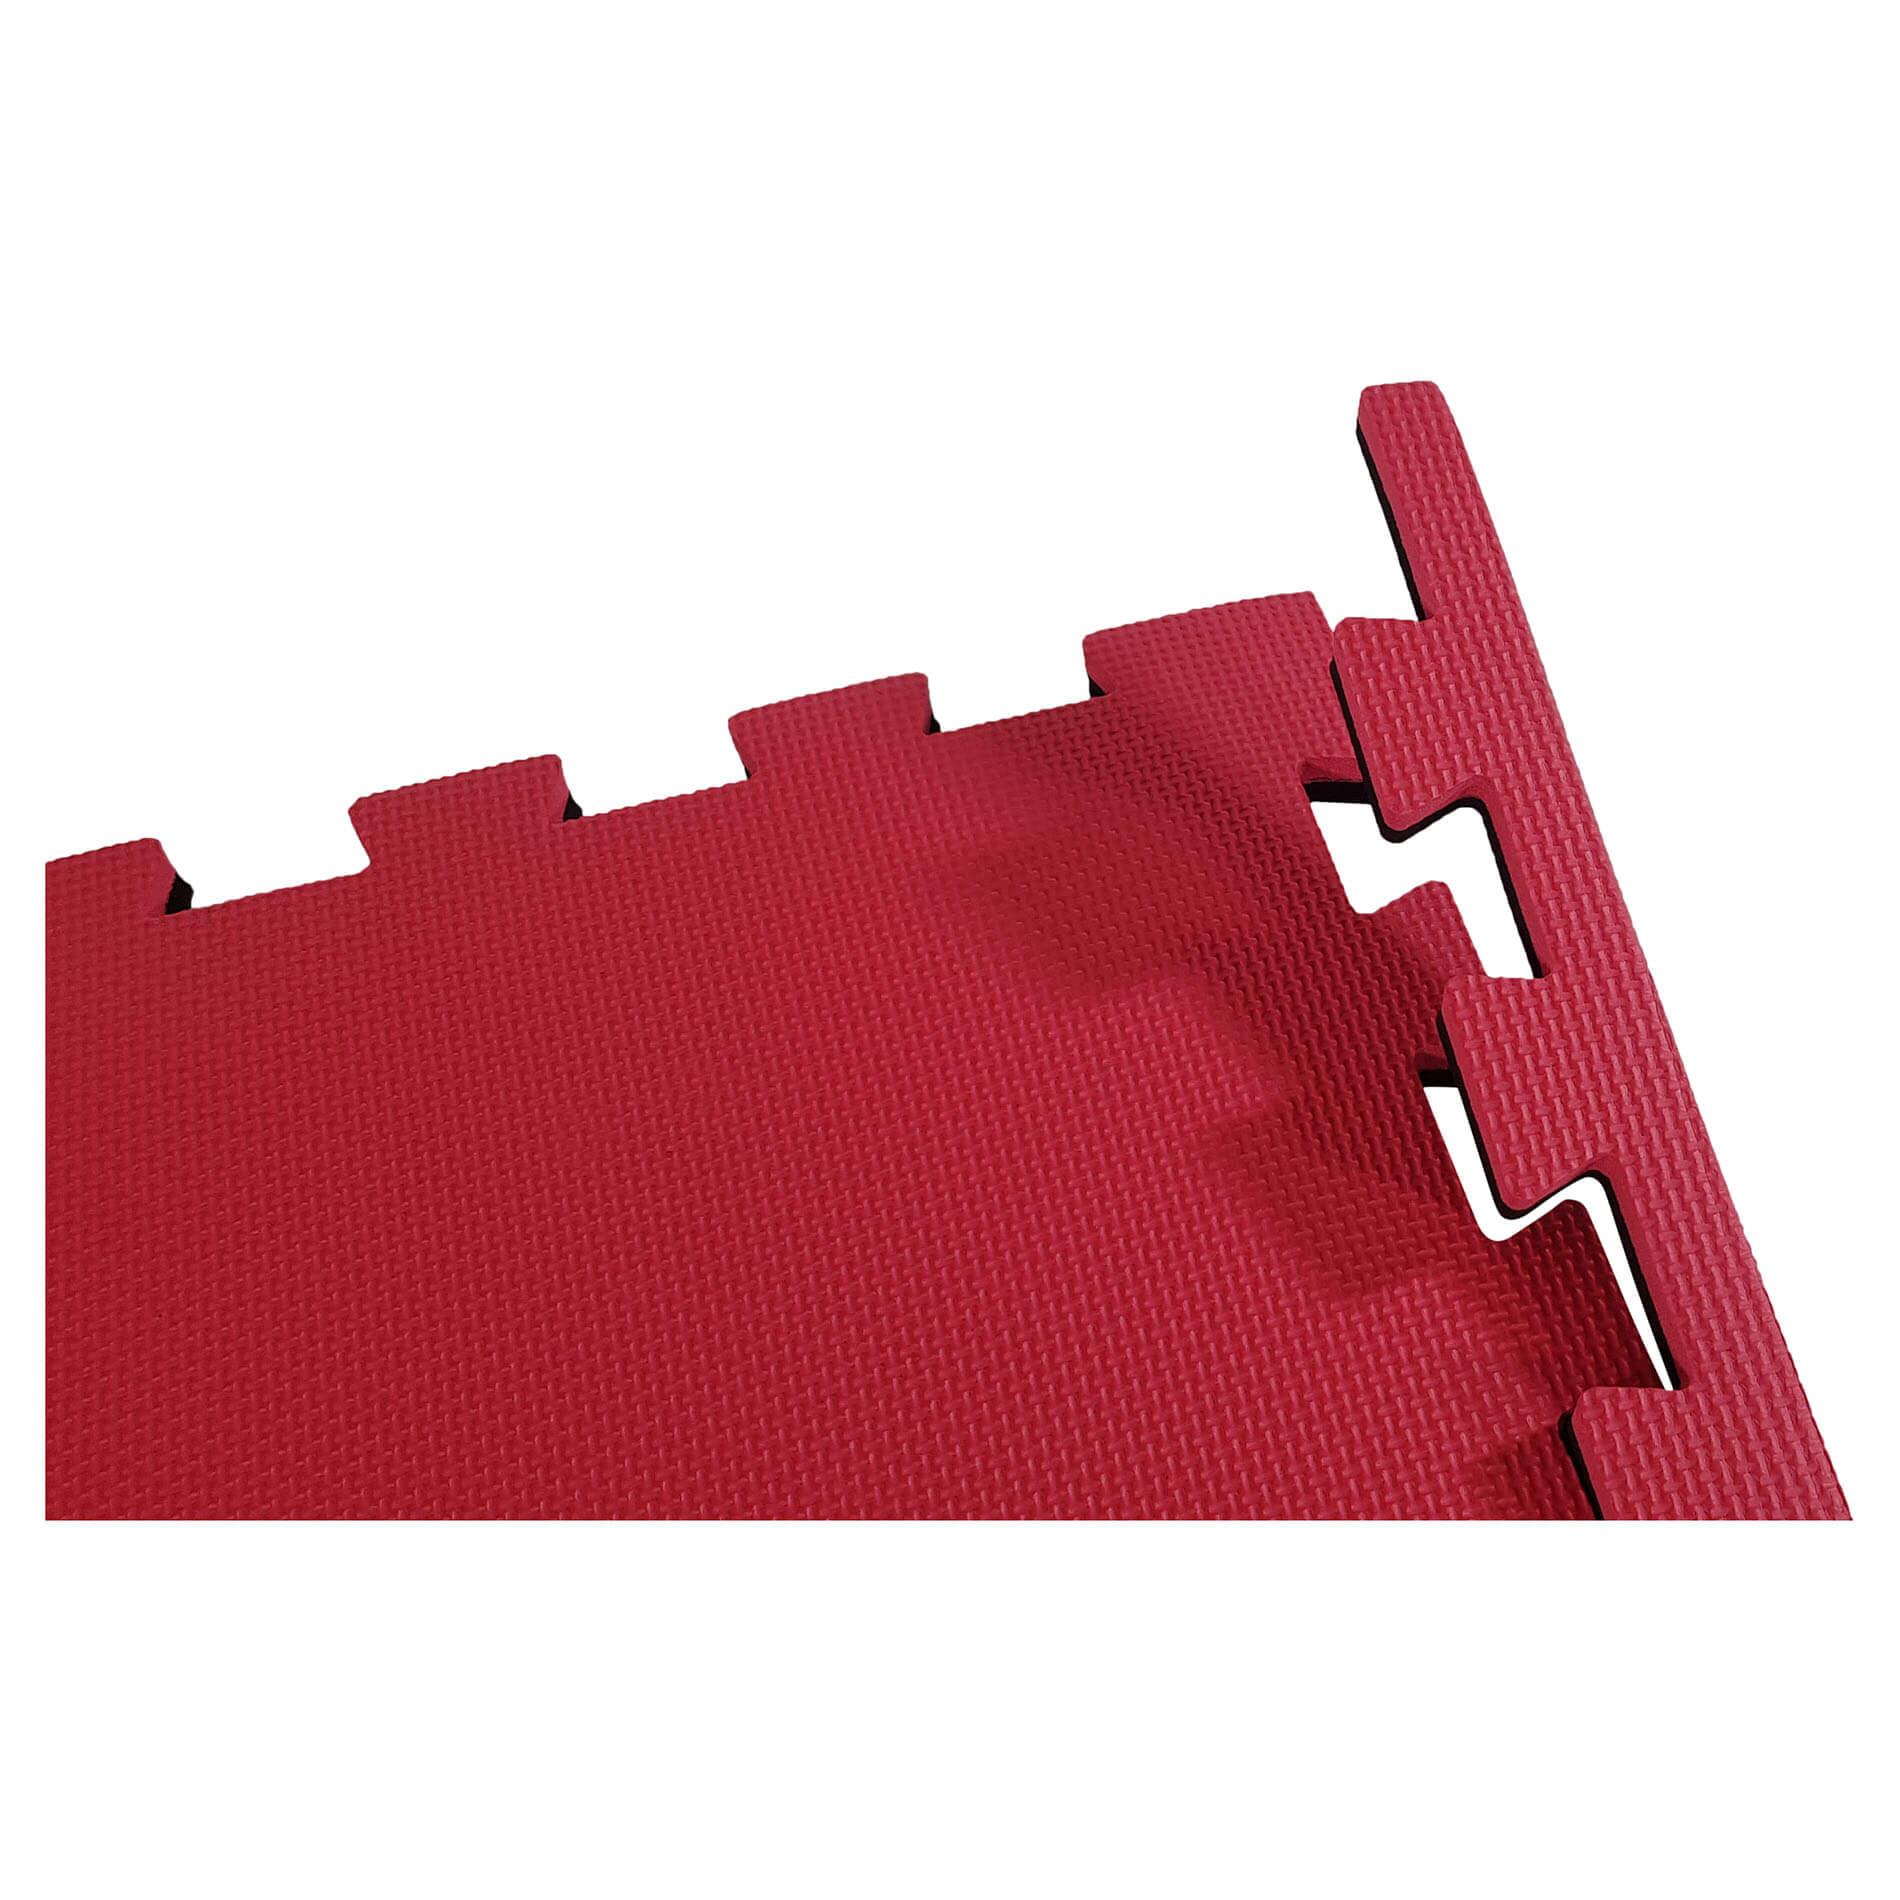 Puzzle Mat - Red/Black